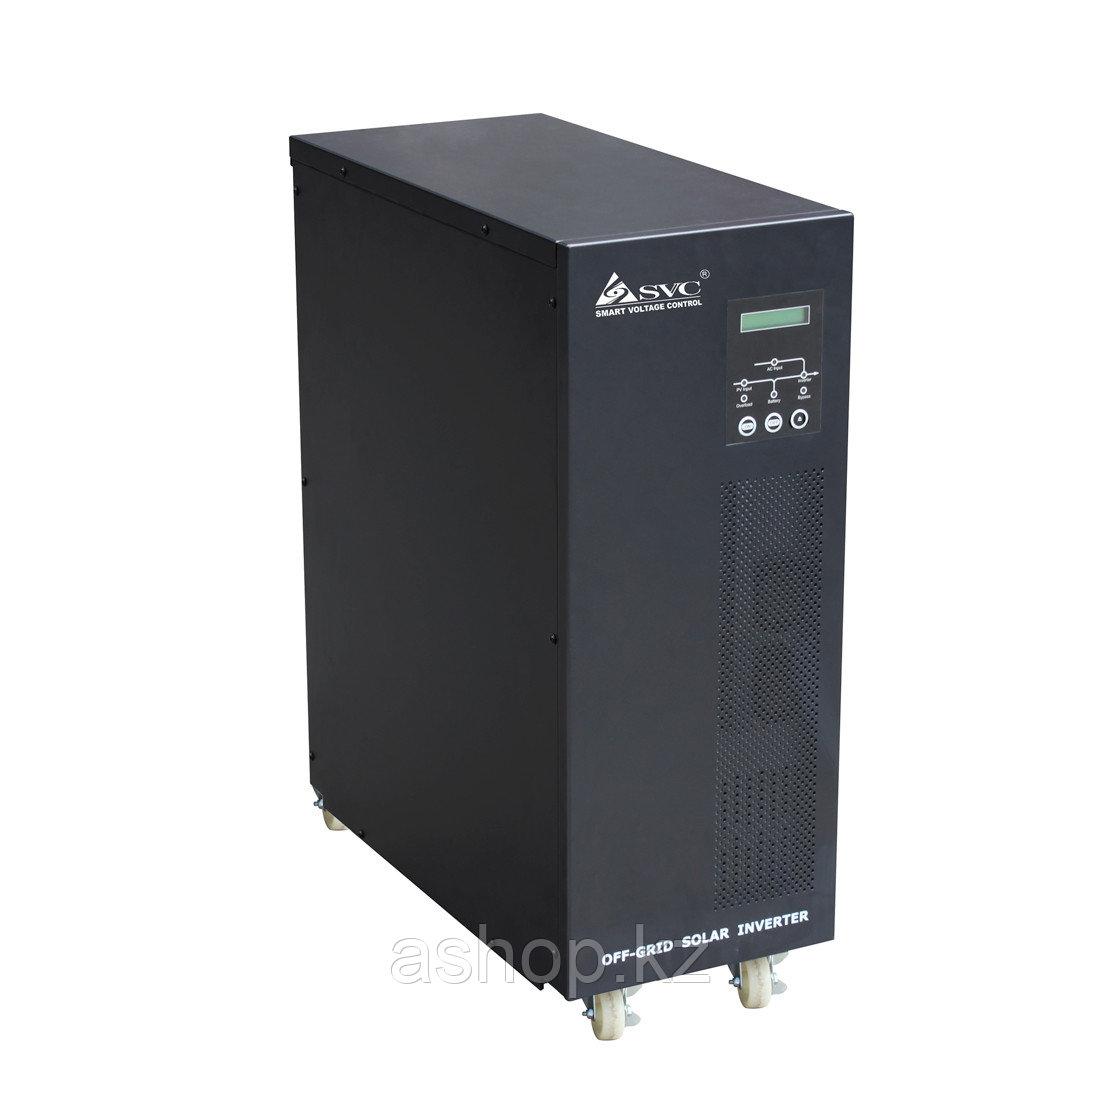 Инвертор SPV SPV-L-8000, Мощность нагрузки: 8 кВА, Питание: 220 В, 50 Гц, Выход: 220 В, Клемма, Чёрный